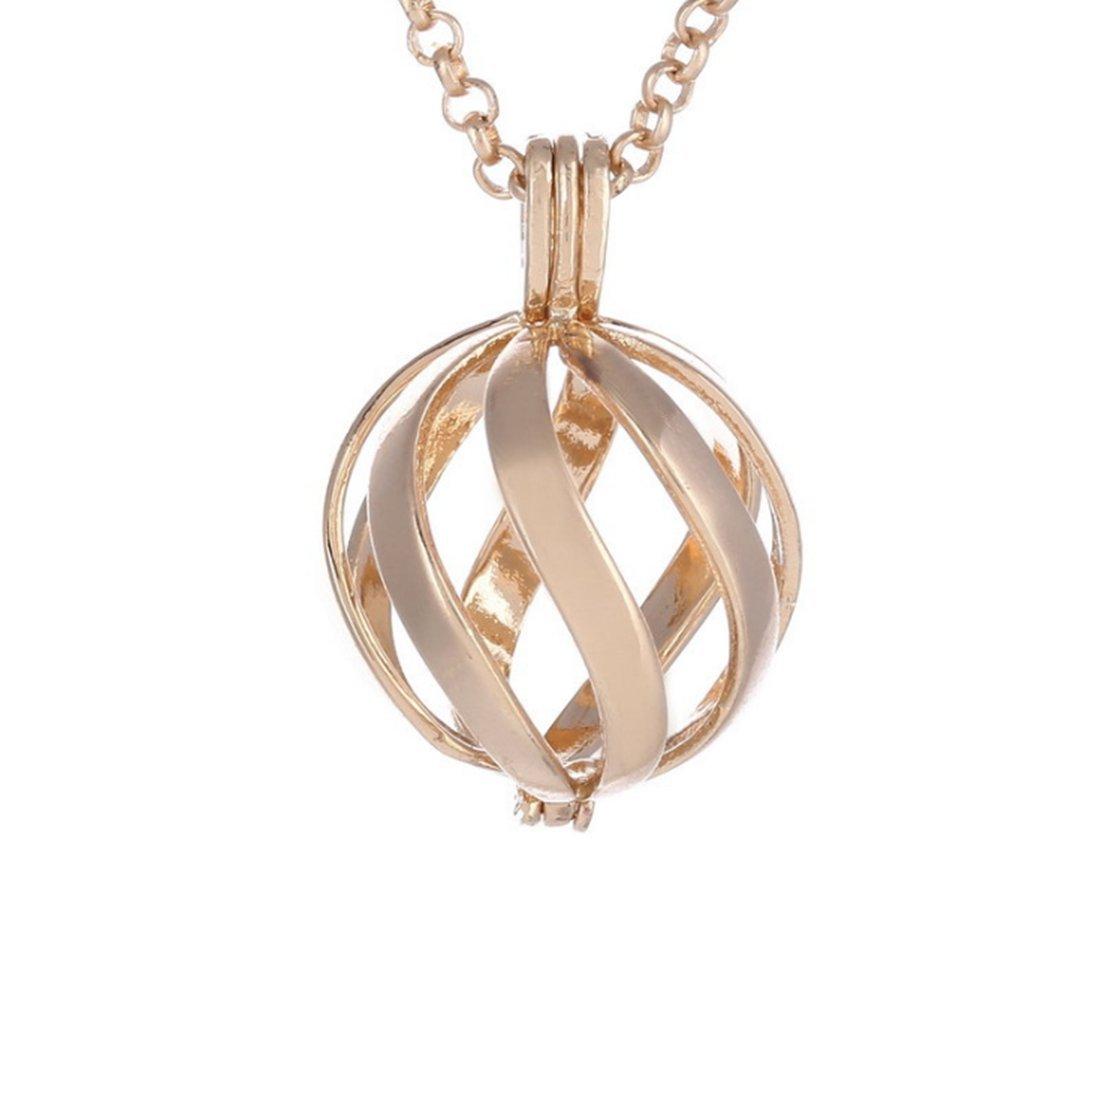 0bb144e8bc85 Amazon.com: Swirl hollow Pendant, Spiral Pendant Necklace, Diffuser  Necklace, Antique Silver, Bright silver, Gold (Gold): Jewelry